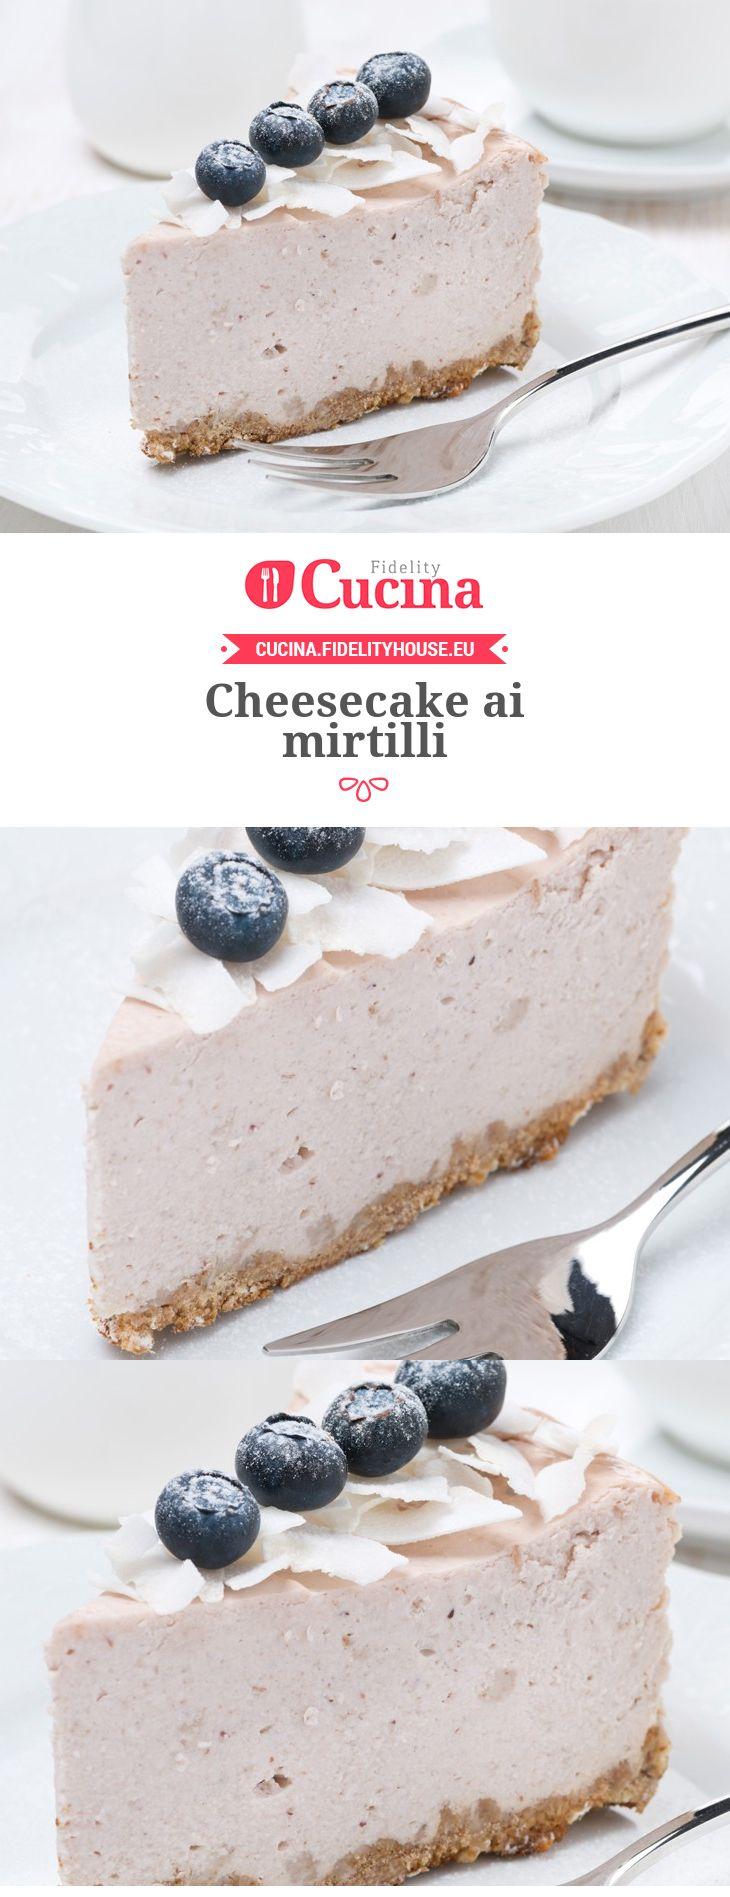 Cheesecake ai mirtilli